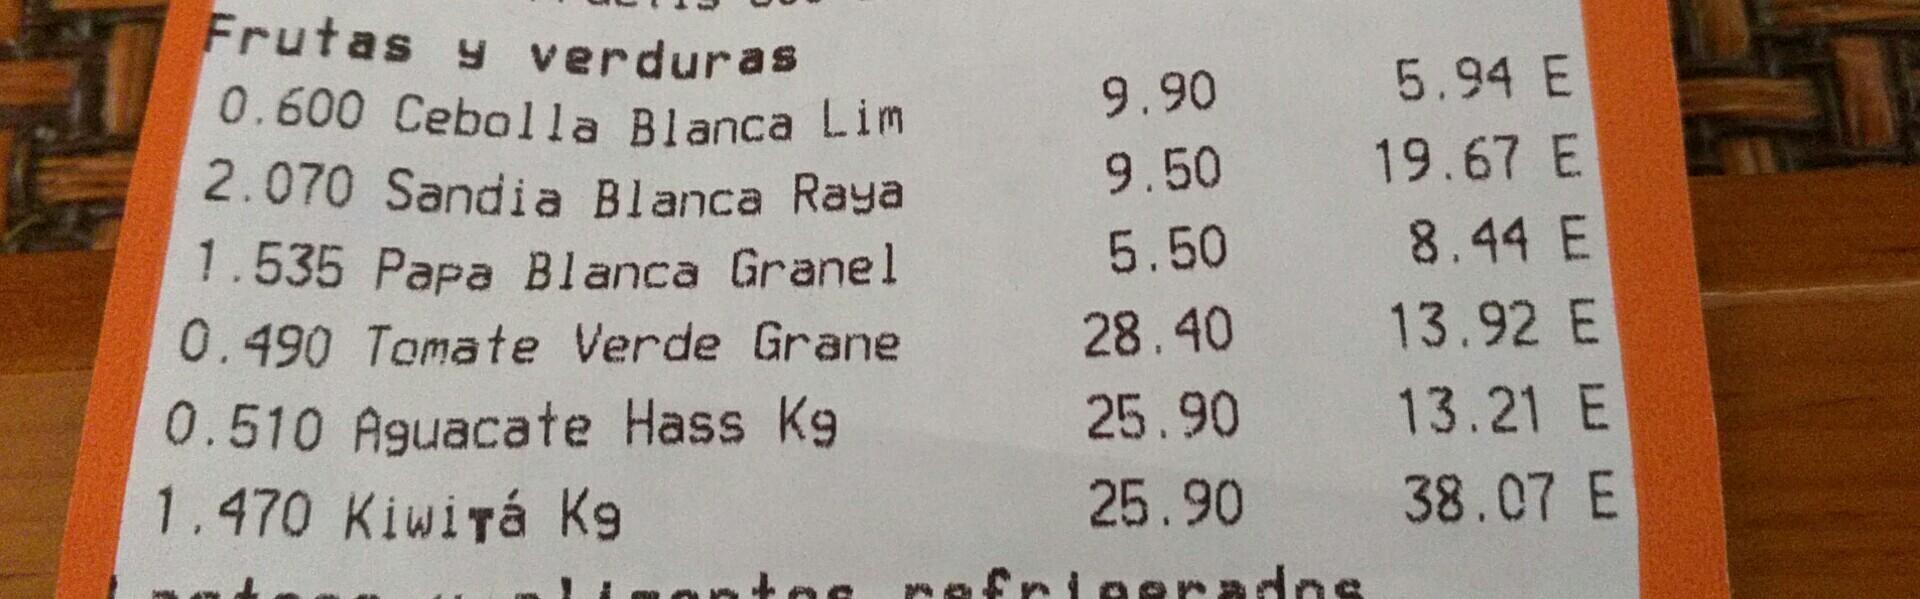 Chedraui Lomas Estrella: Papá blanca a $5.50 el Kg